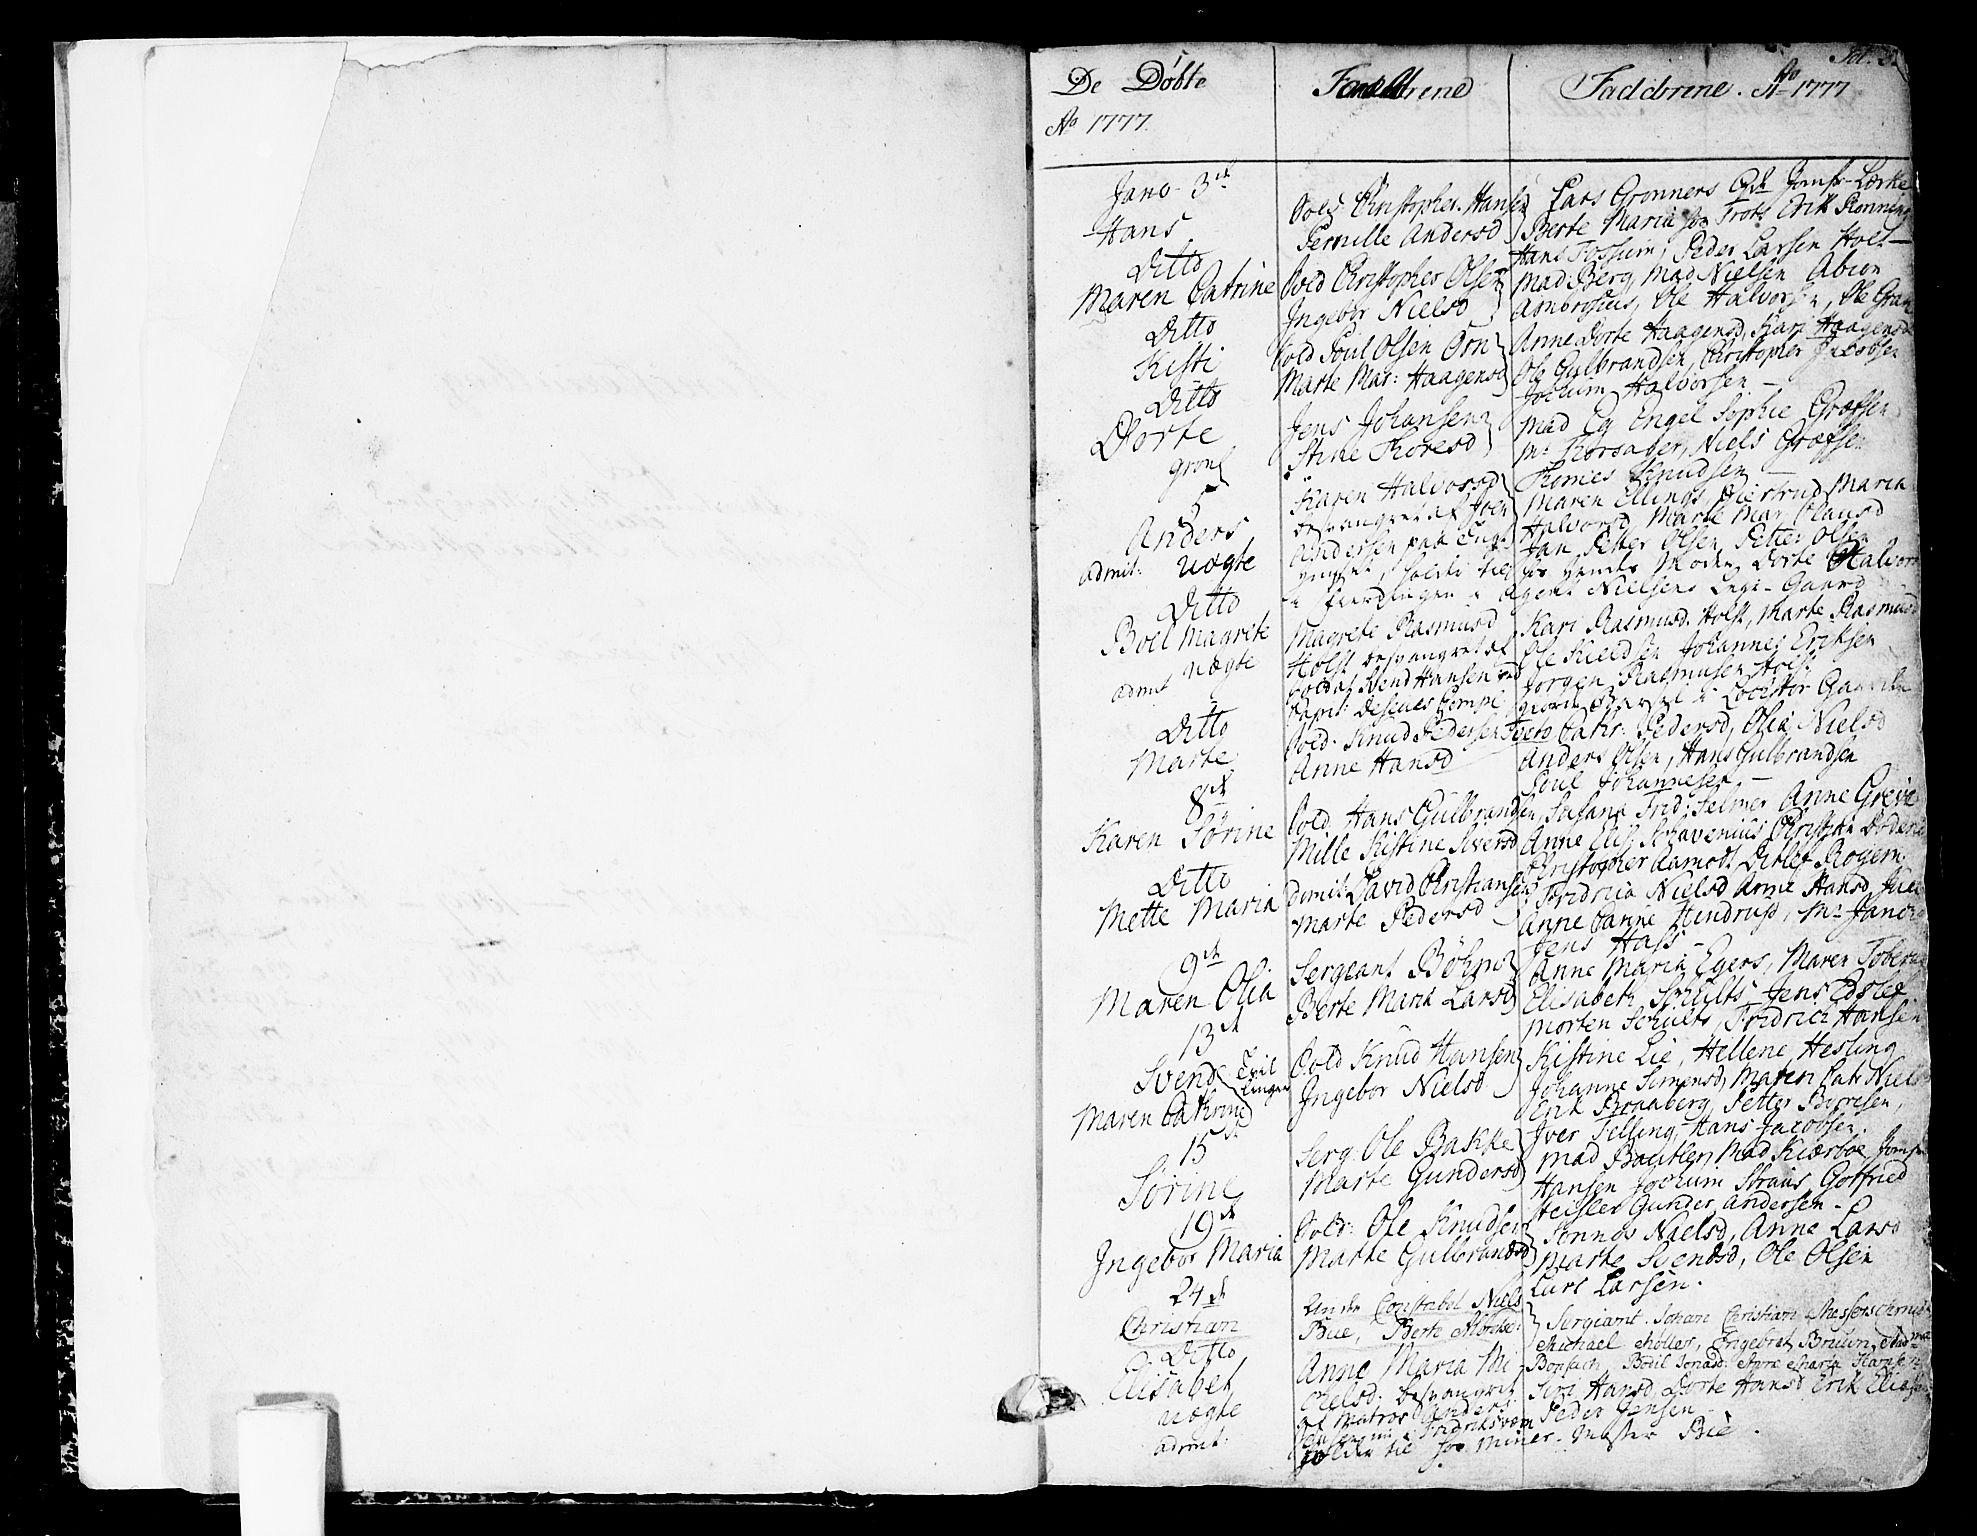 SAO, Garnisonsmenigheten Kirkebøker, F/Fa/L0003: Ministerialbok nr. 3, 1777-1809, s. 2